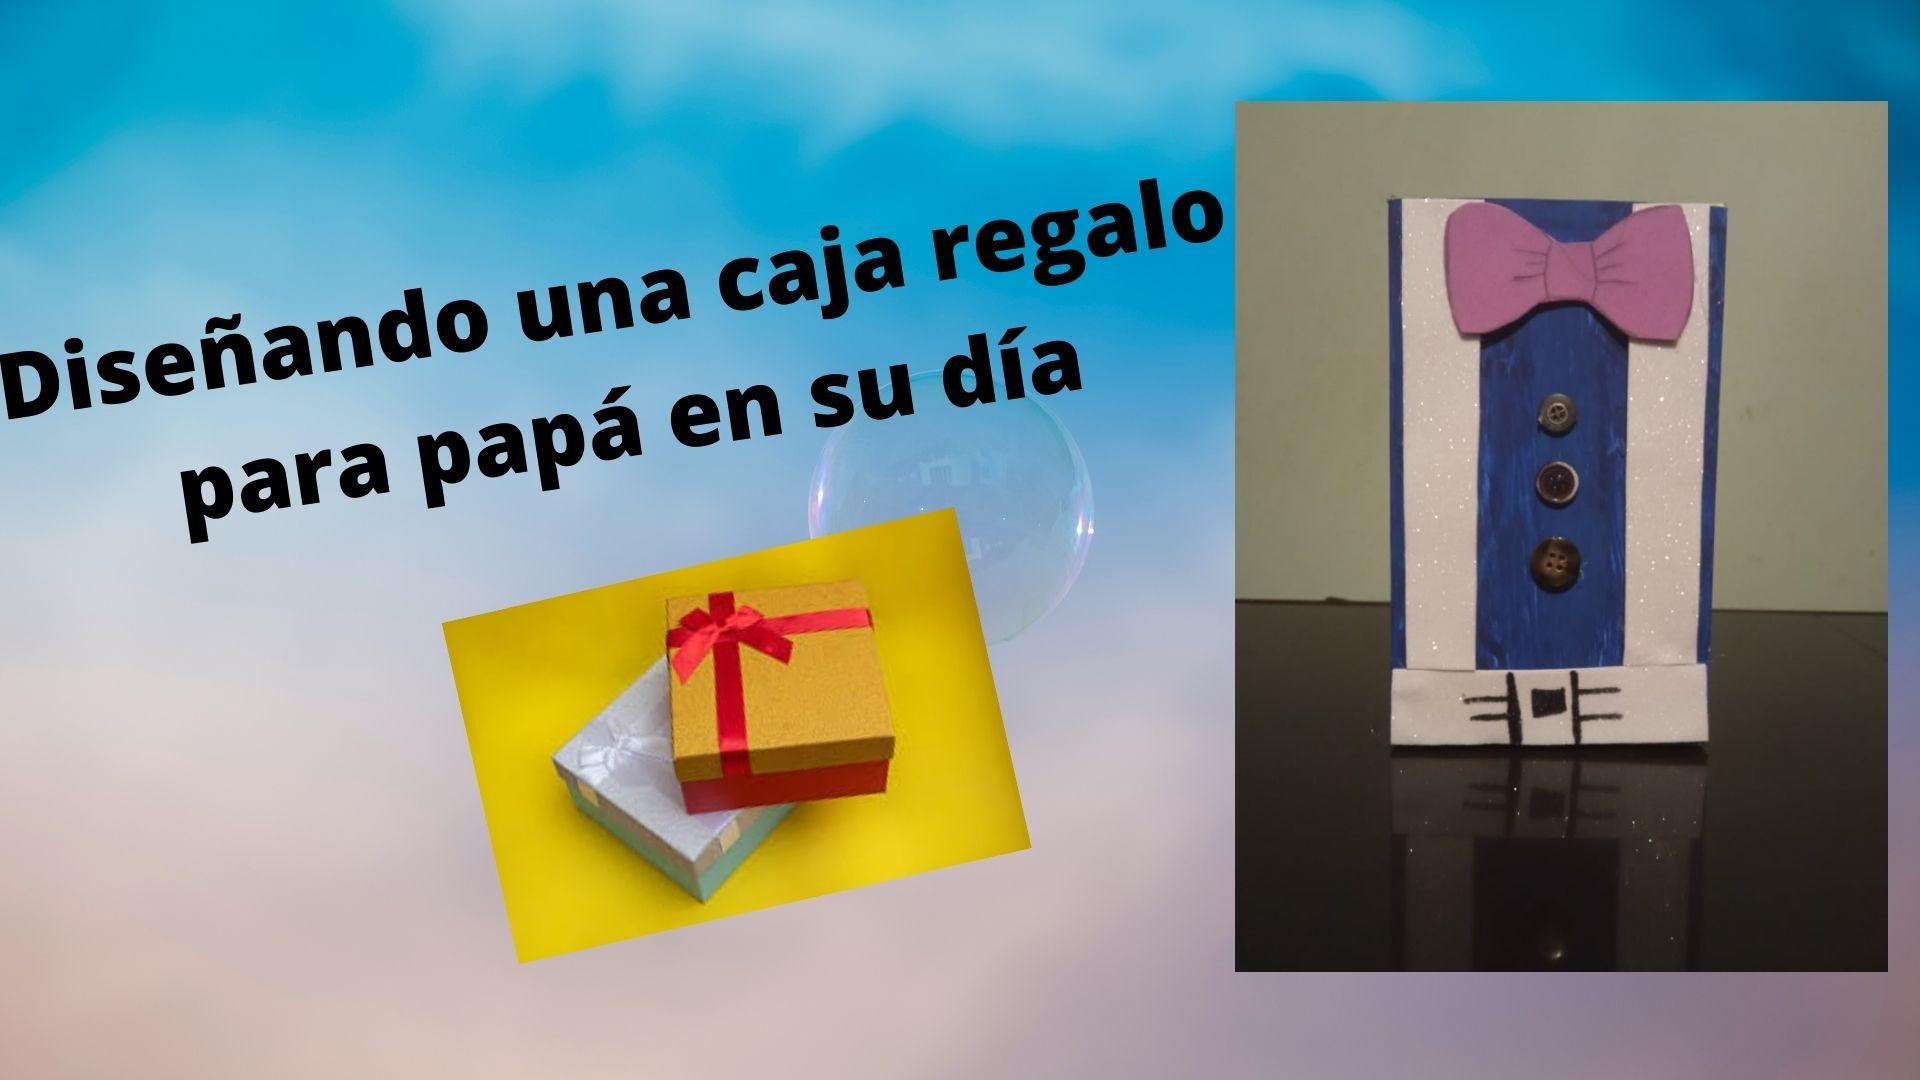 Diseñando una caja regalo para papá en su día.jpg